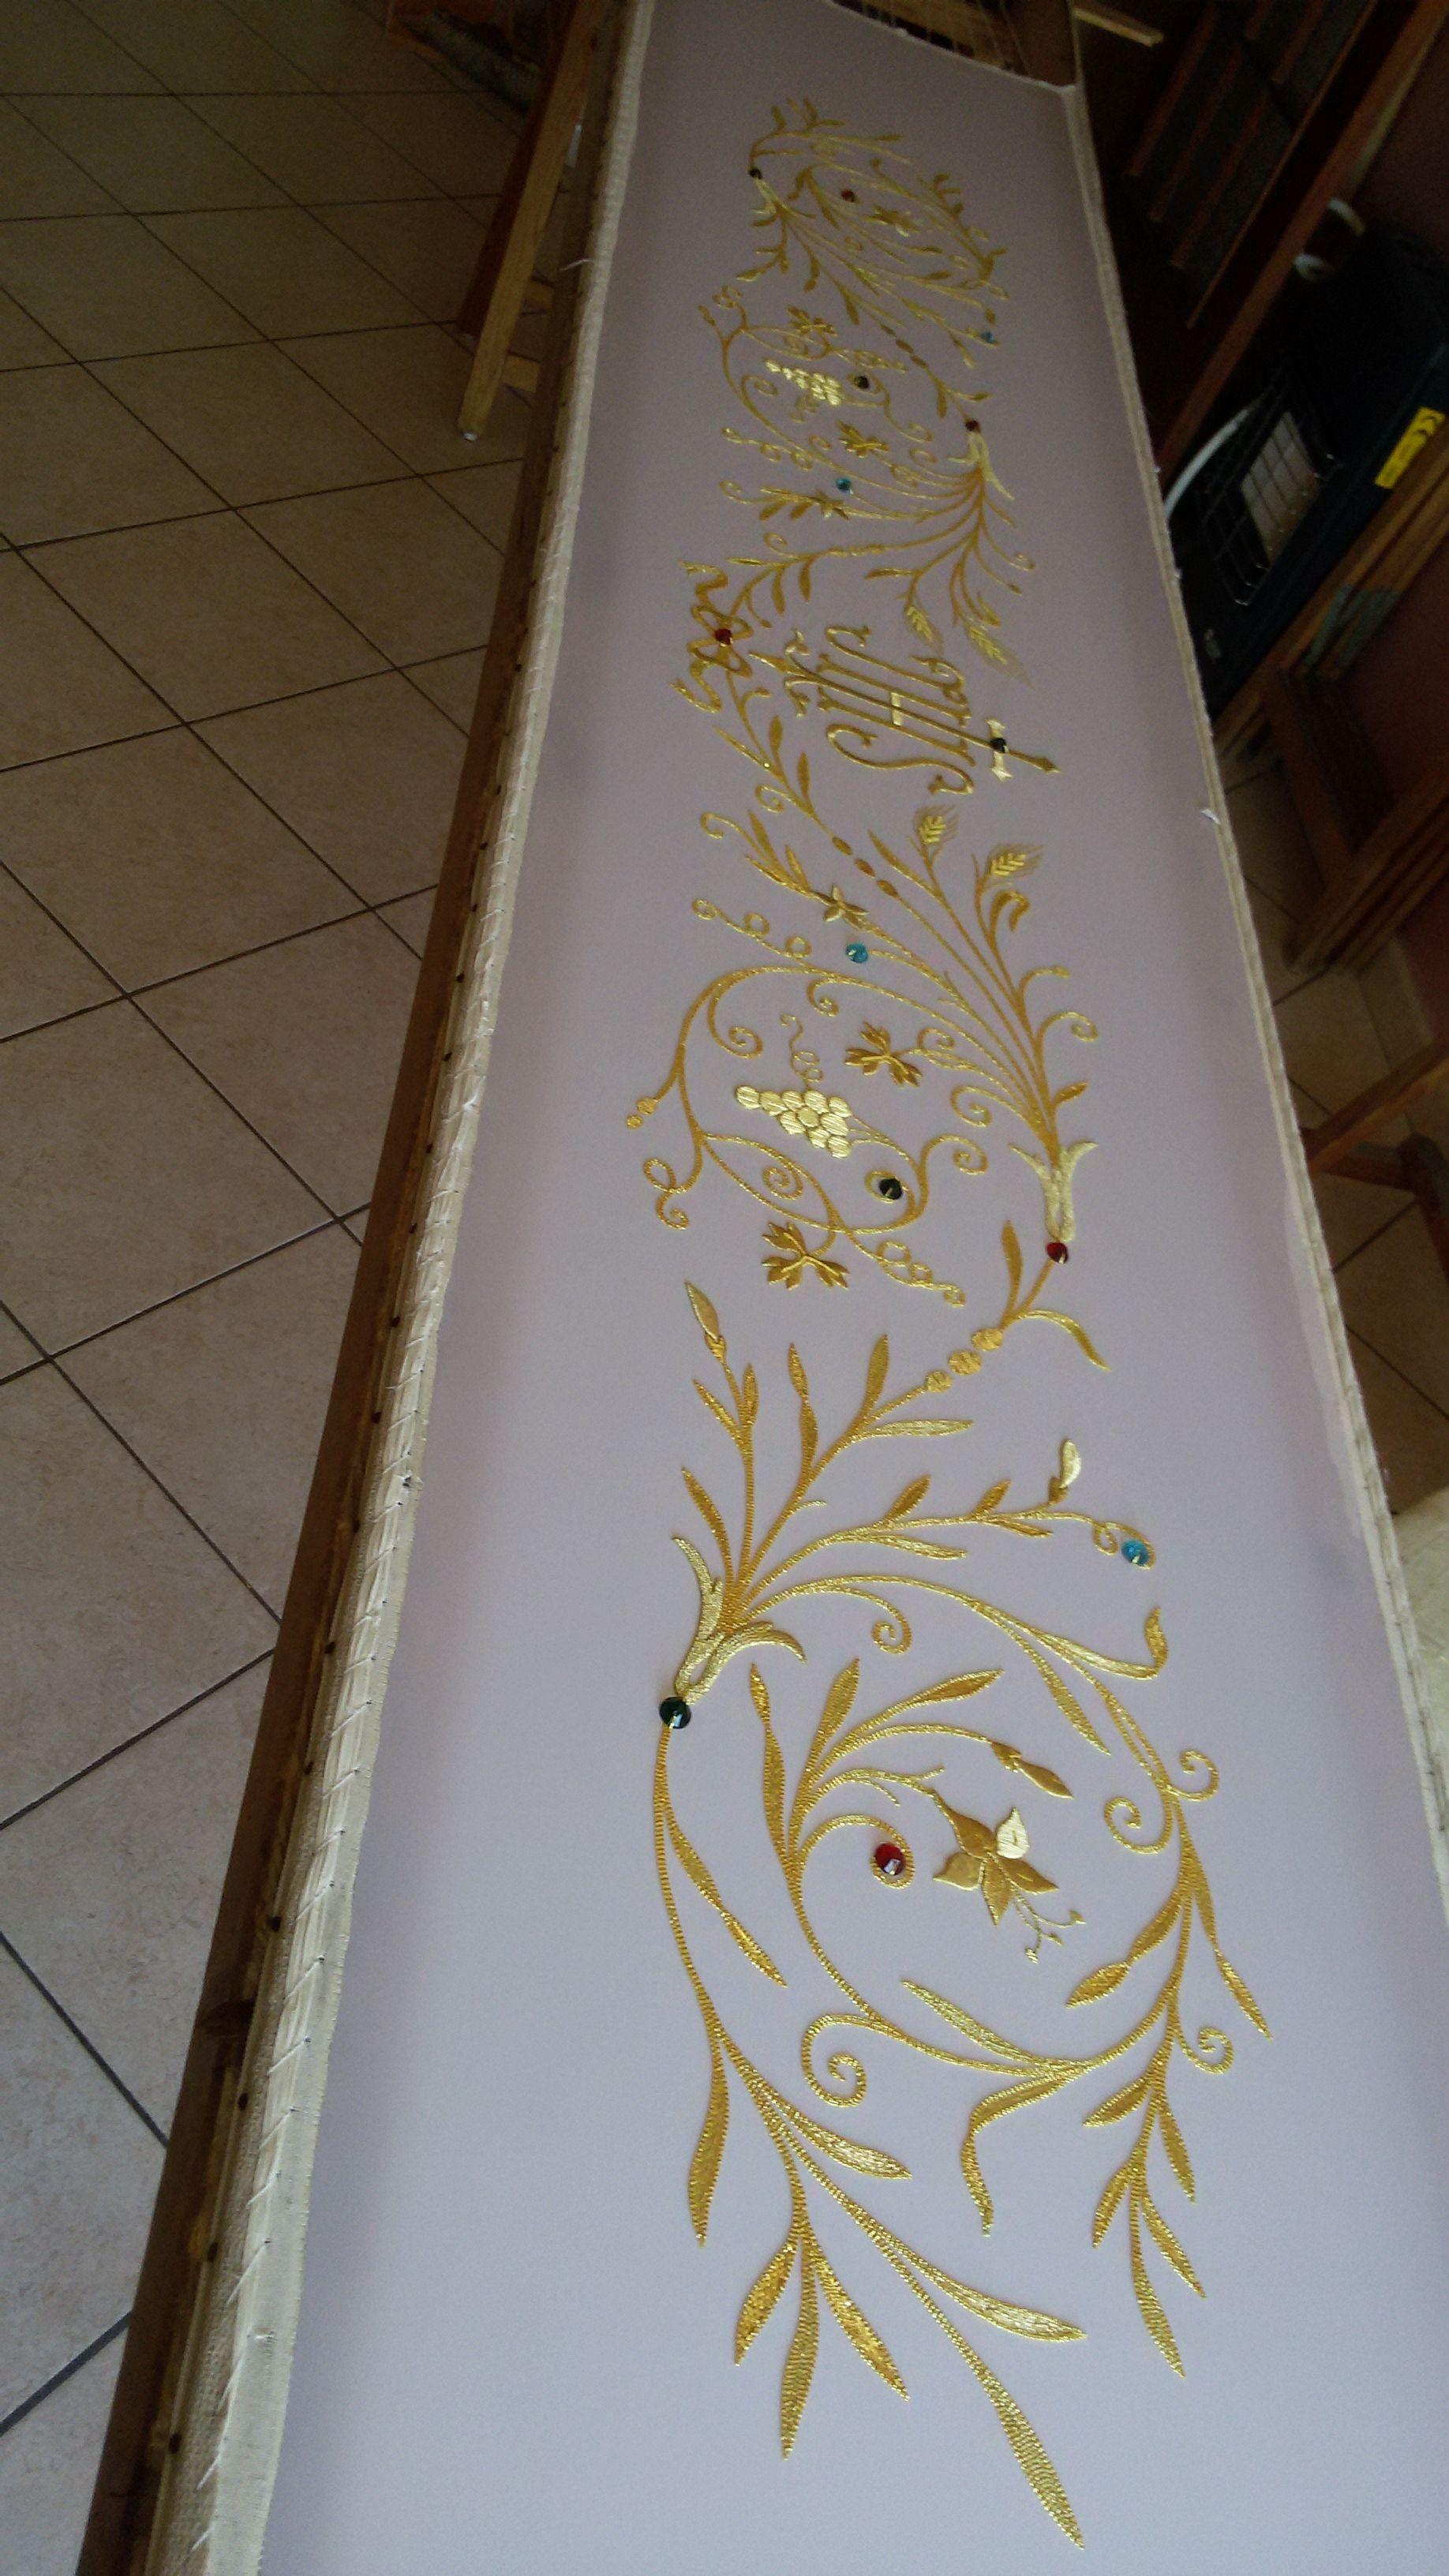 tovaglia da altare 4 metri , interamente ricamata a mano